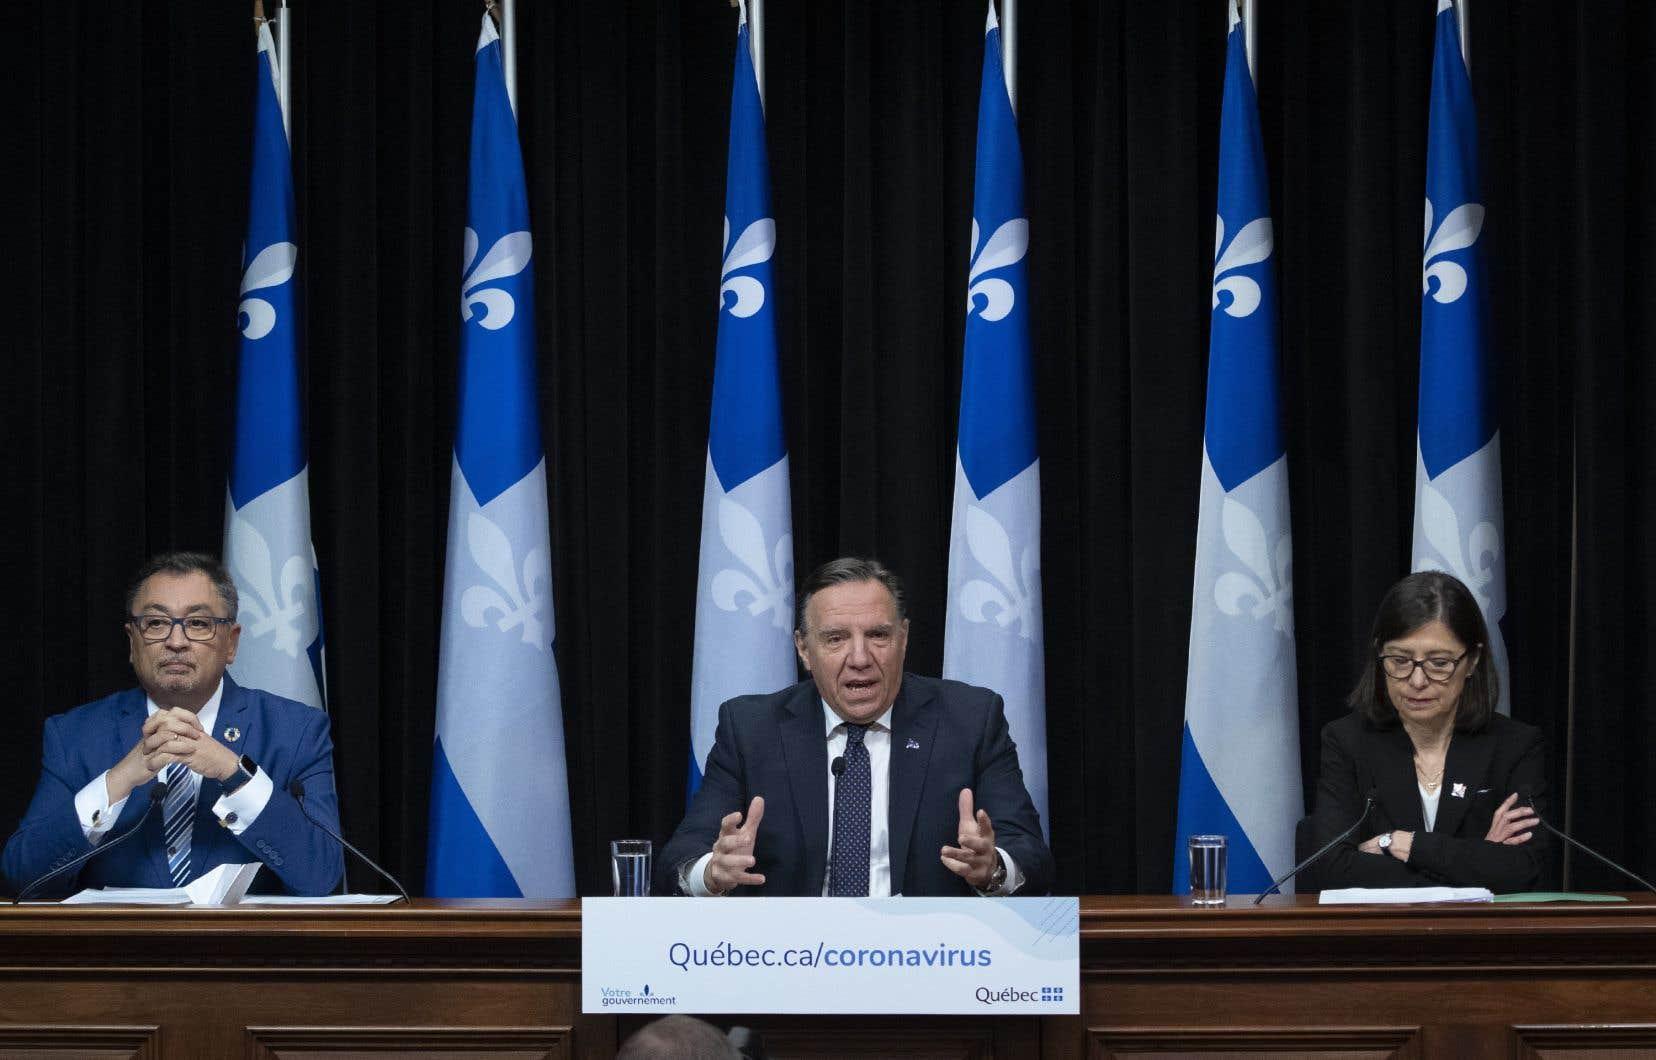 Le point sur la pandémie de COVID-19 au Québec | Jeudi 9 avril